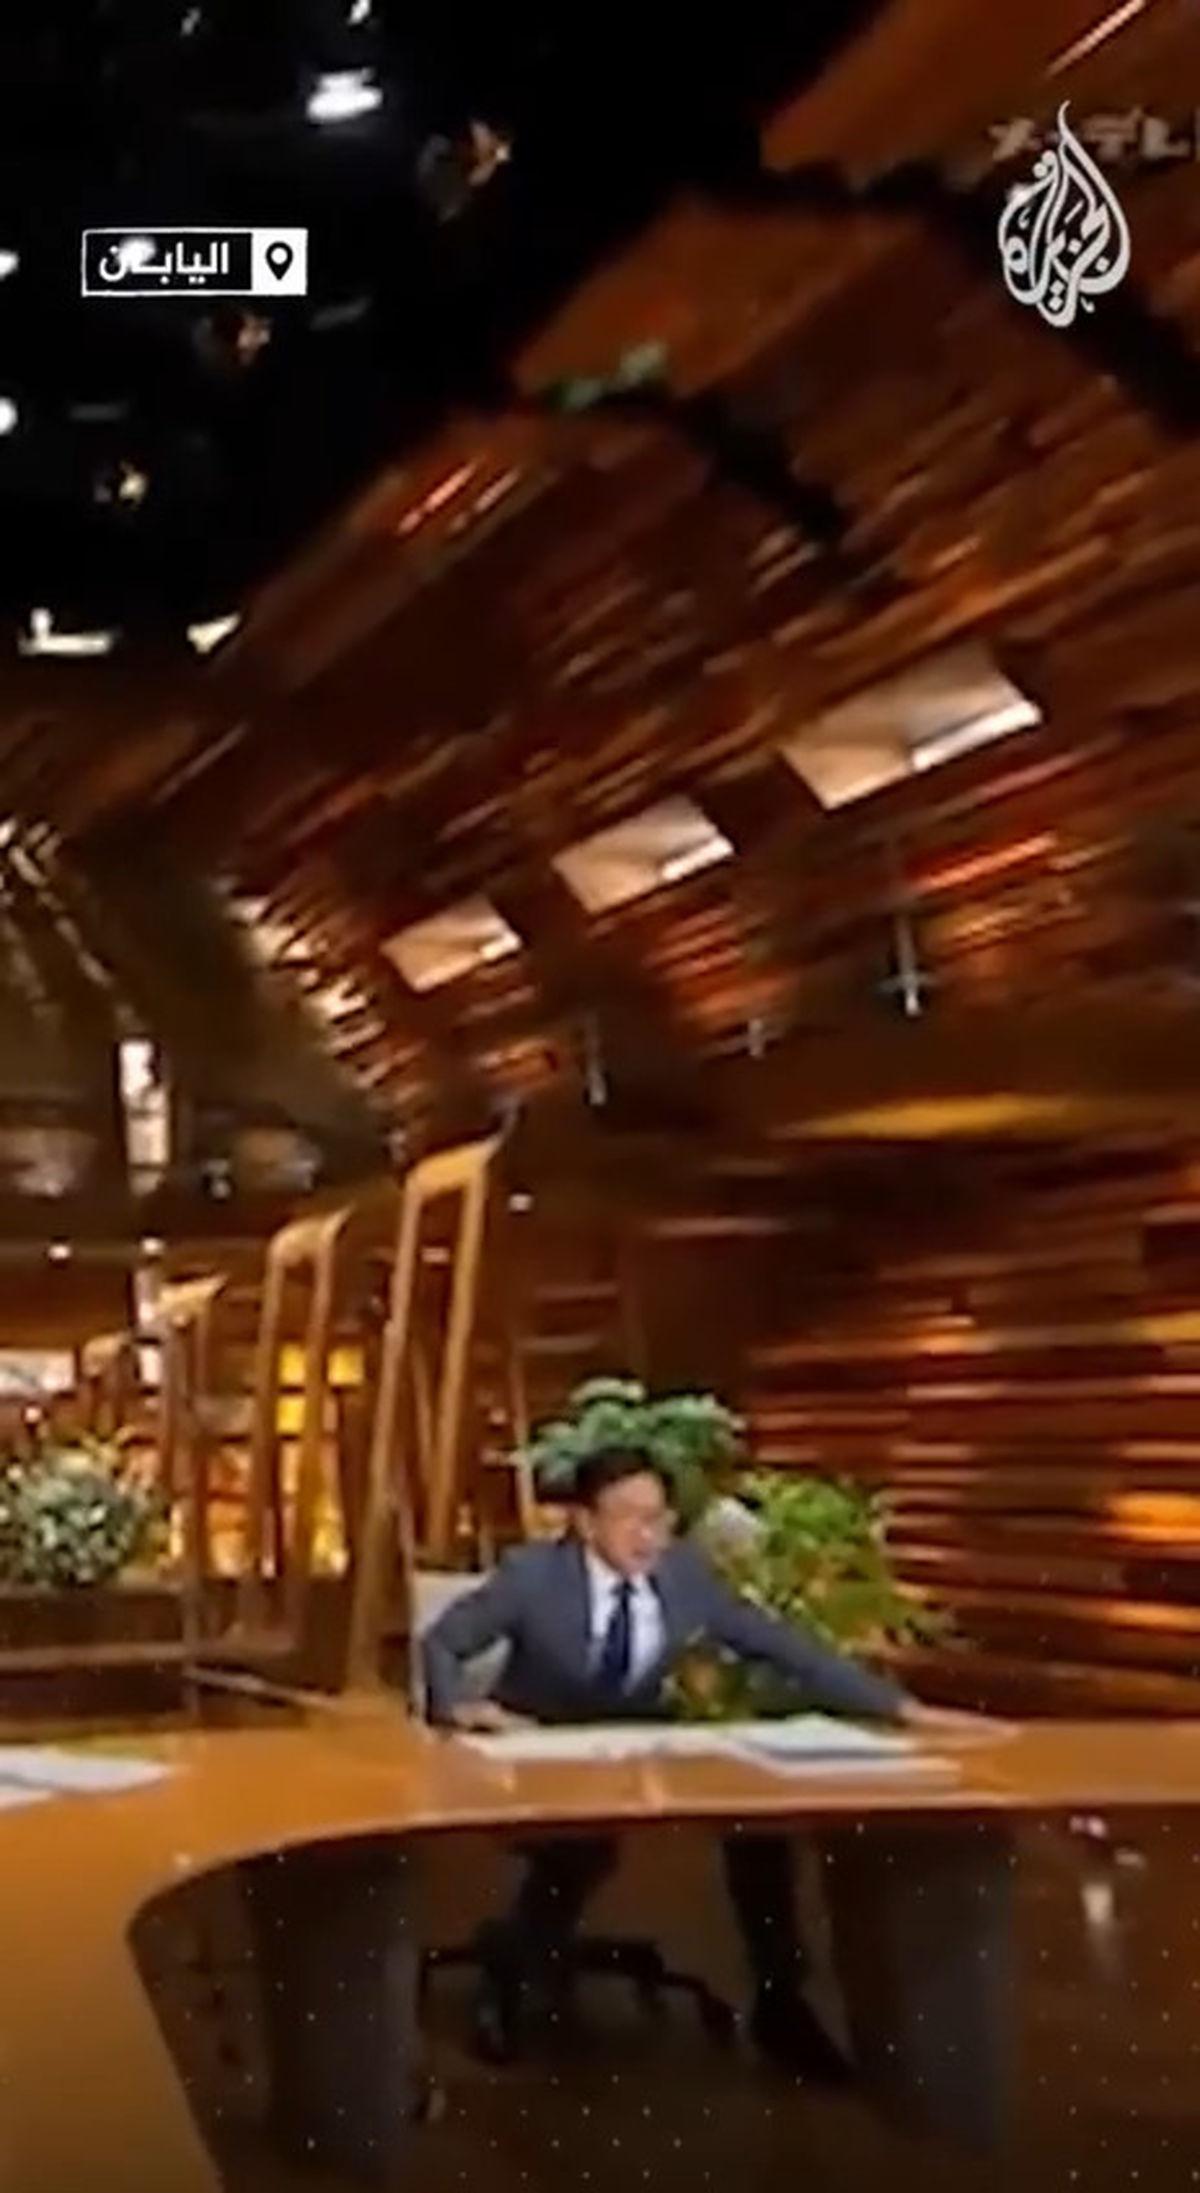 کار شجاعانه مجری خبر ژاپنی وسط زلزله ۶ ریشتری+فیلم